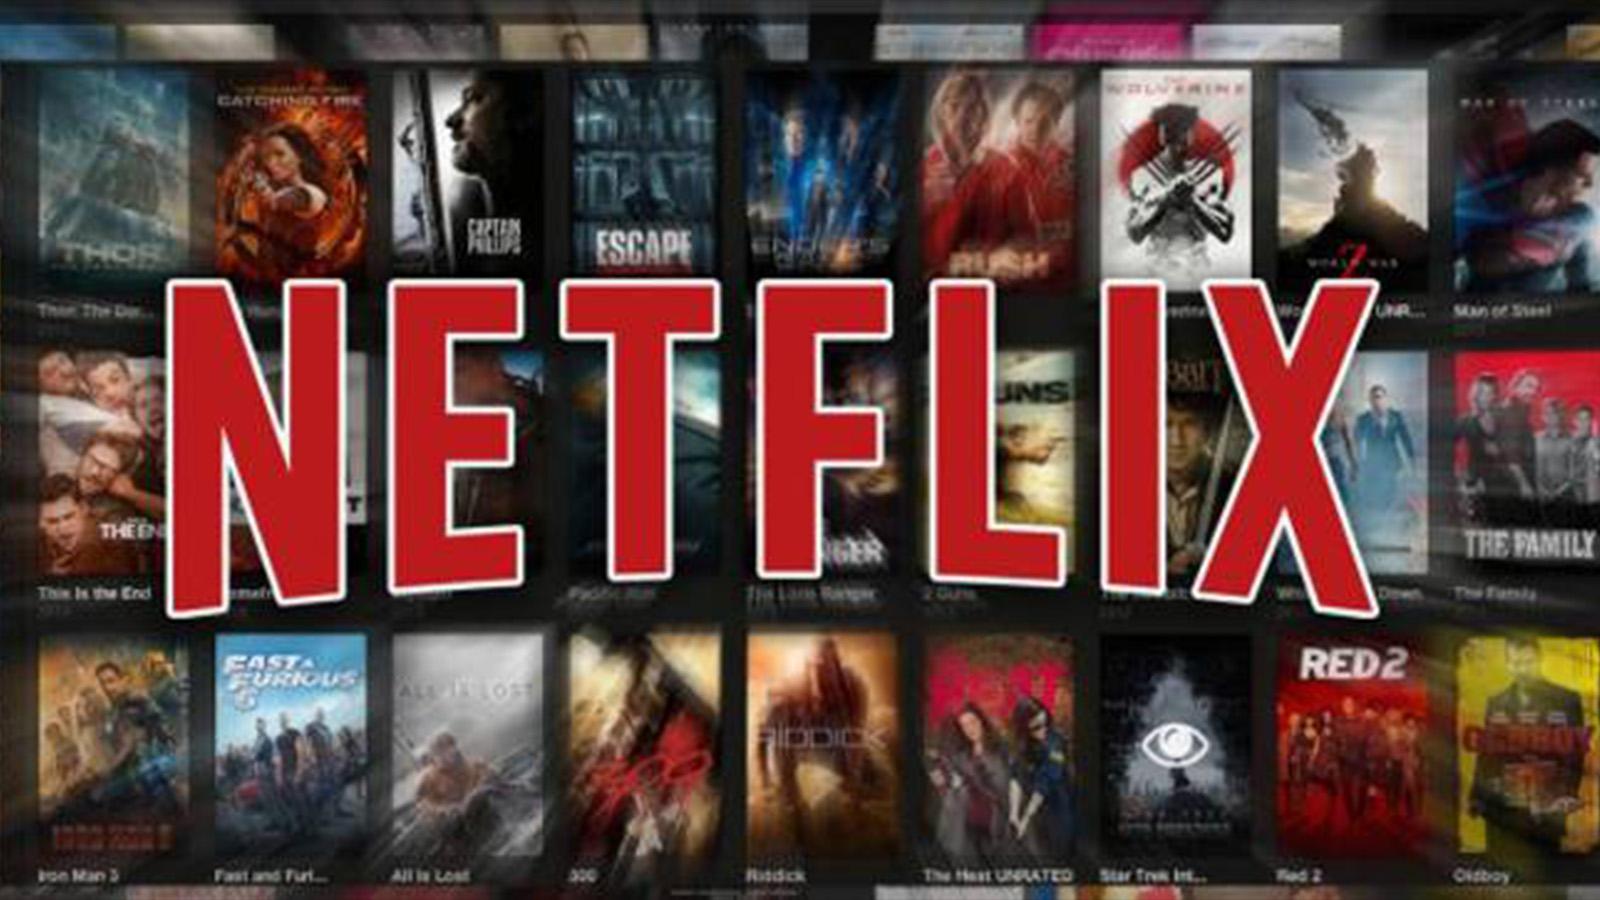 Des films récents sur Netflix en France